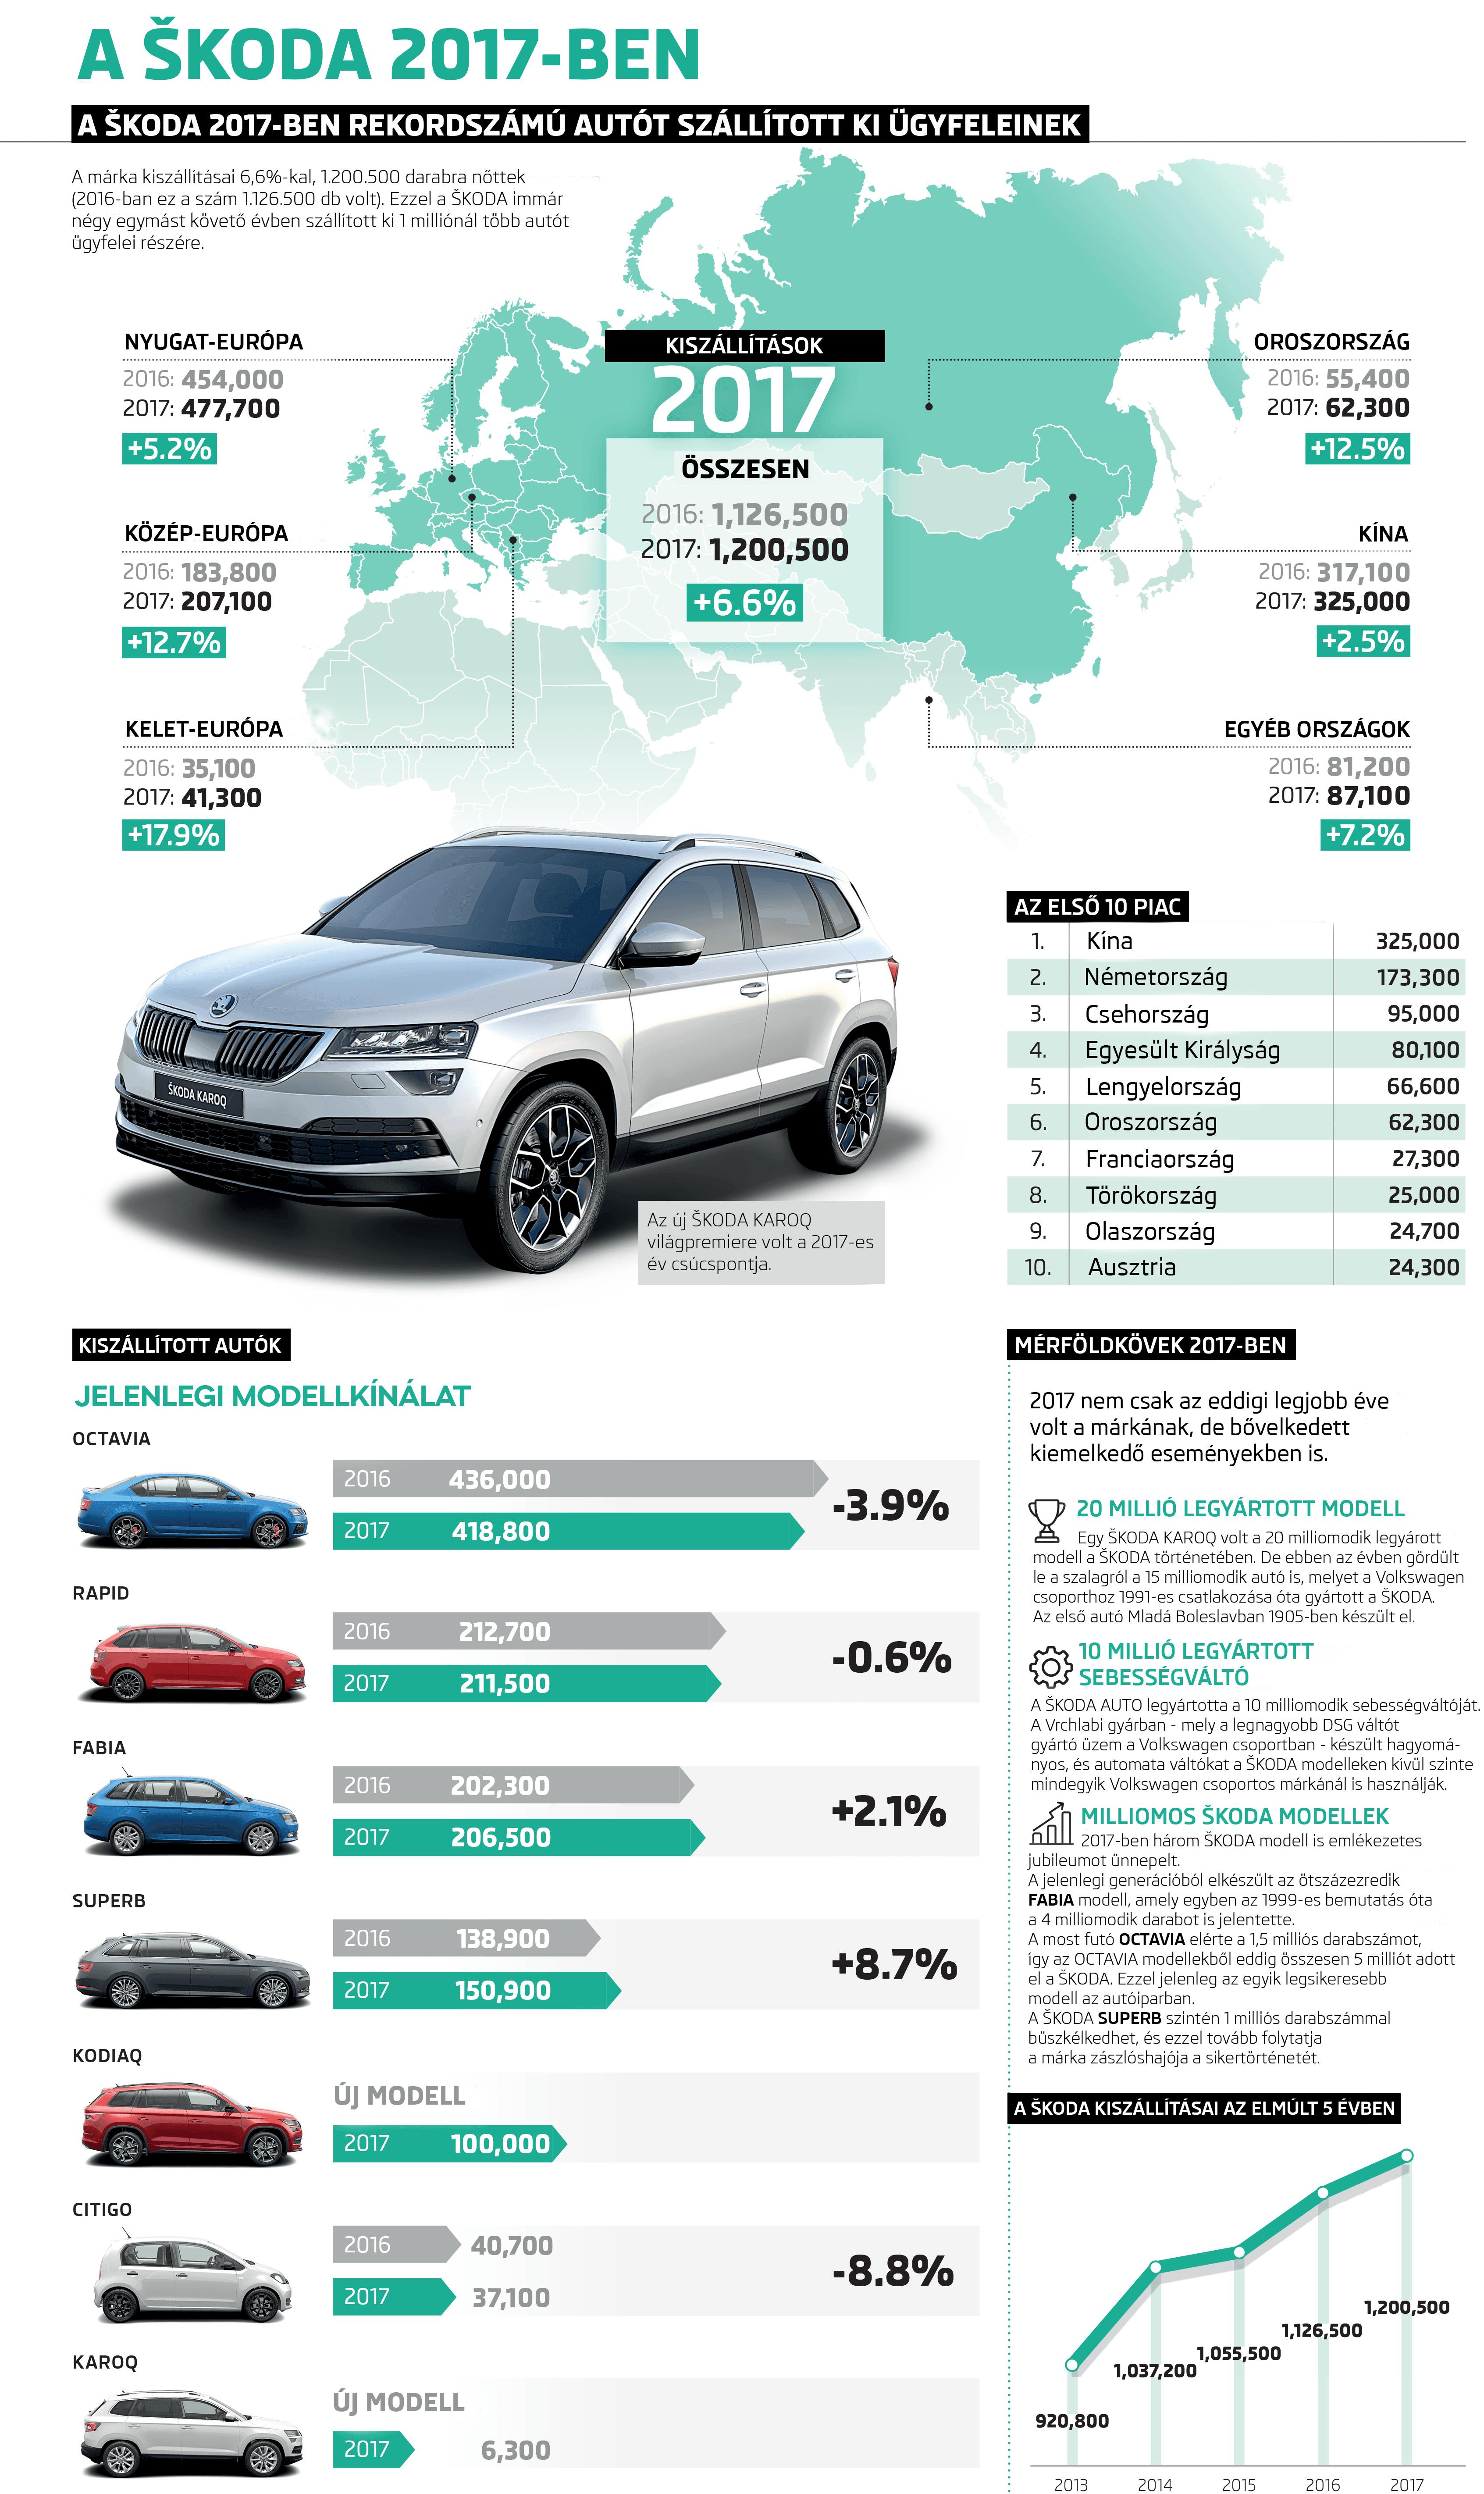 2017 - a ŠKODA rekordéve számokban